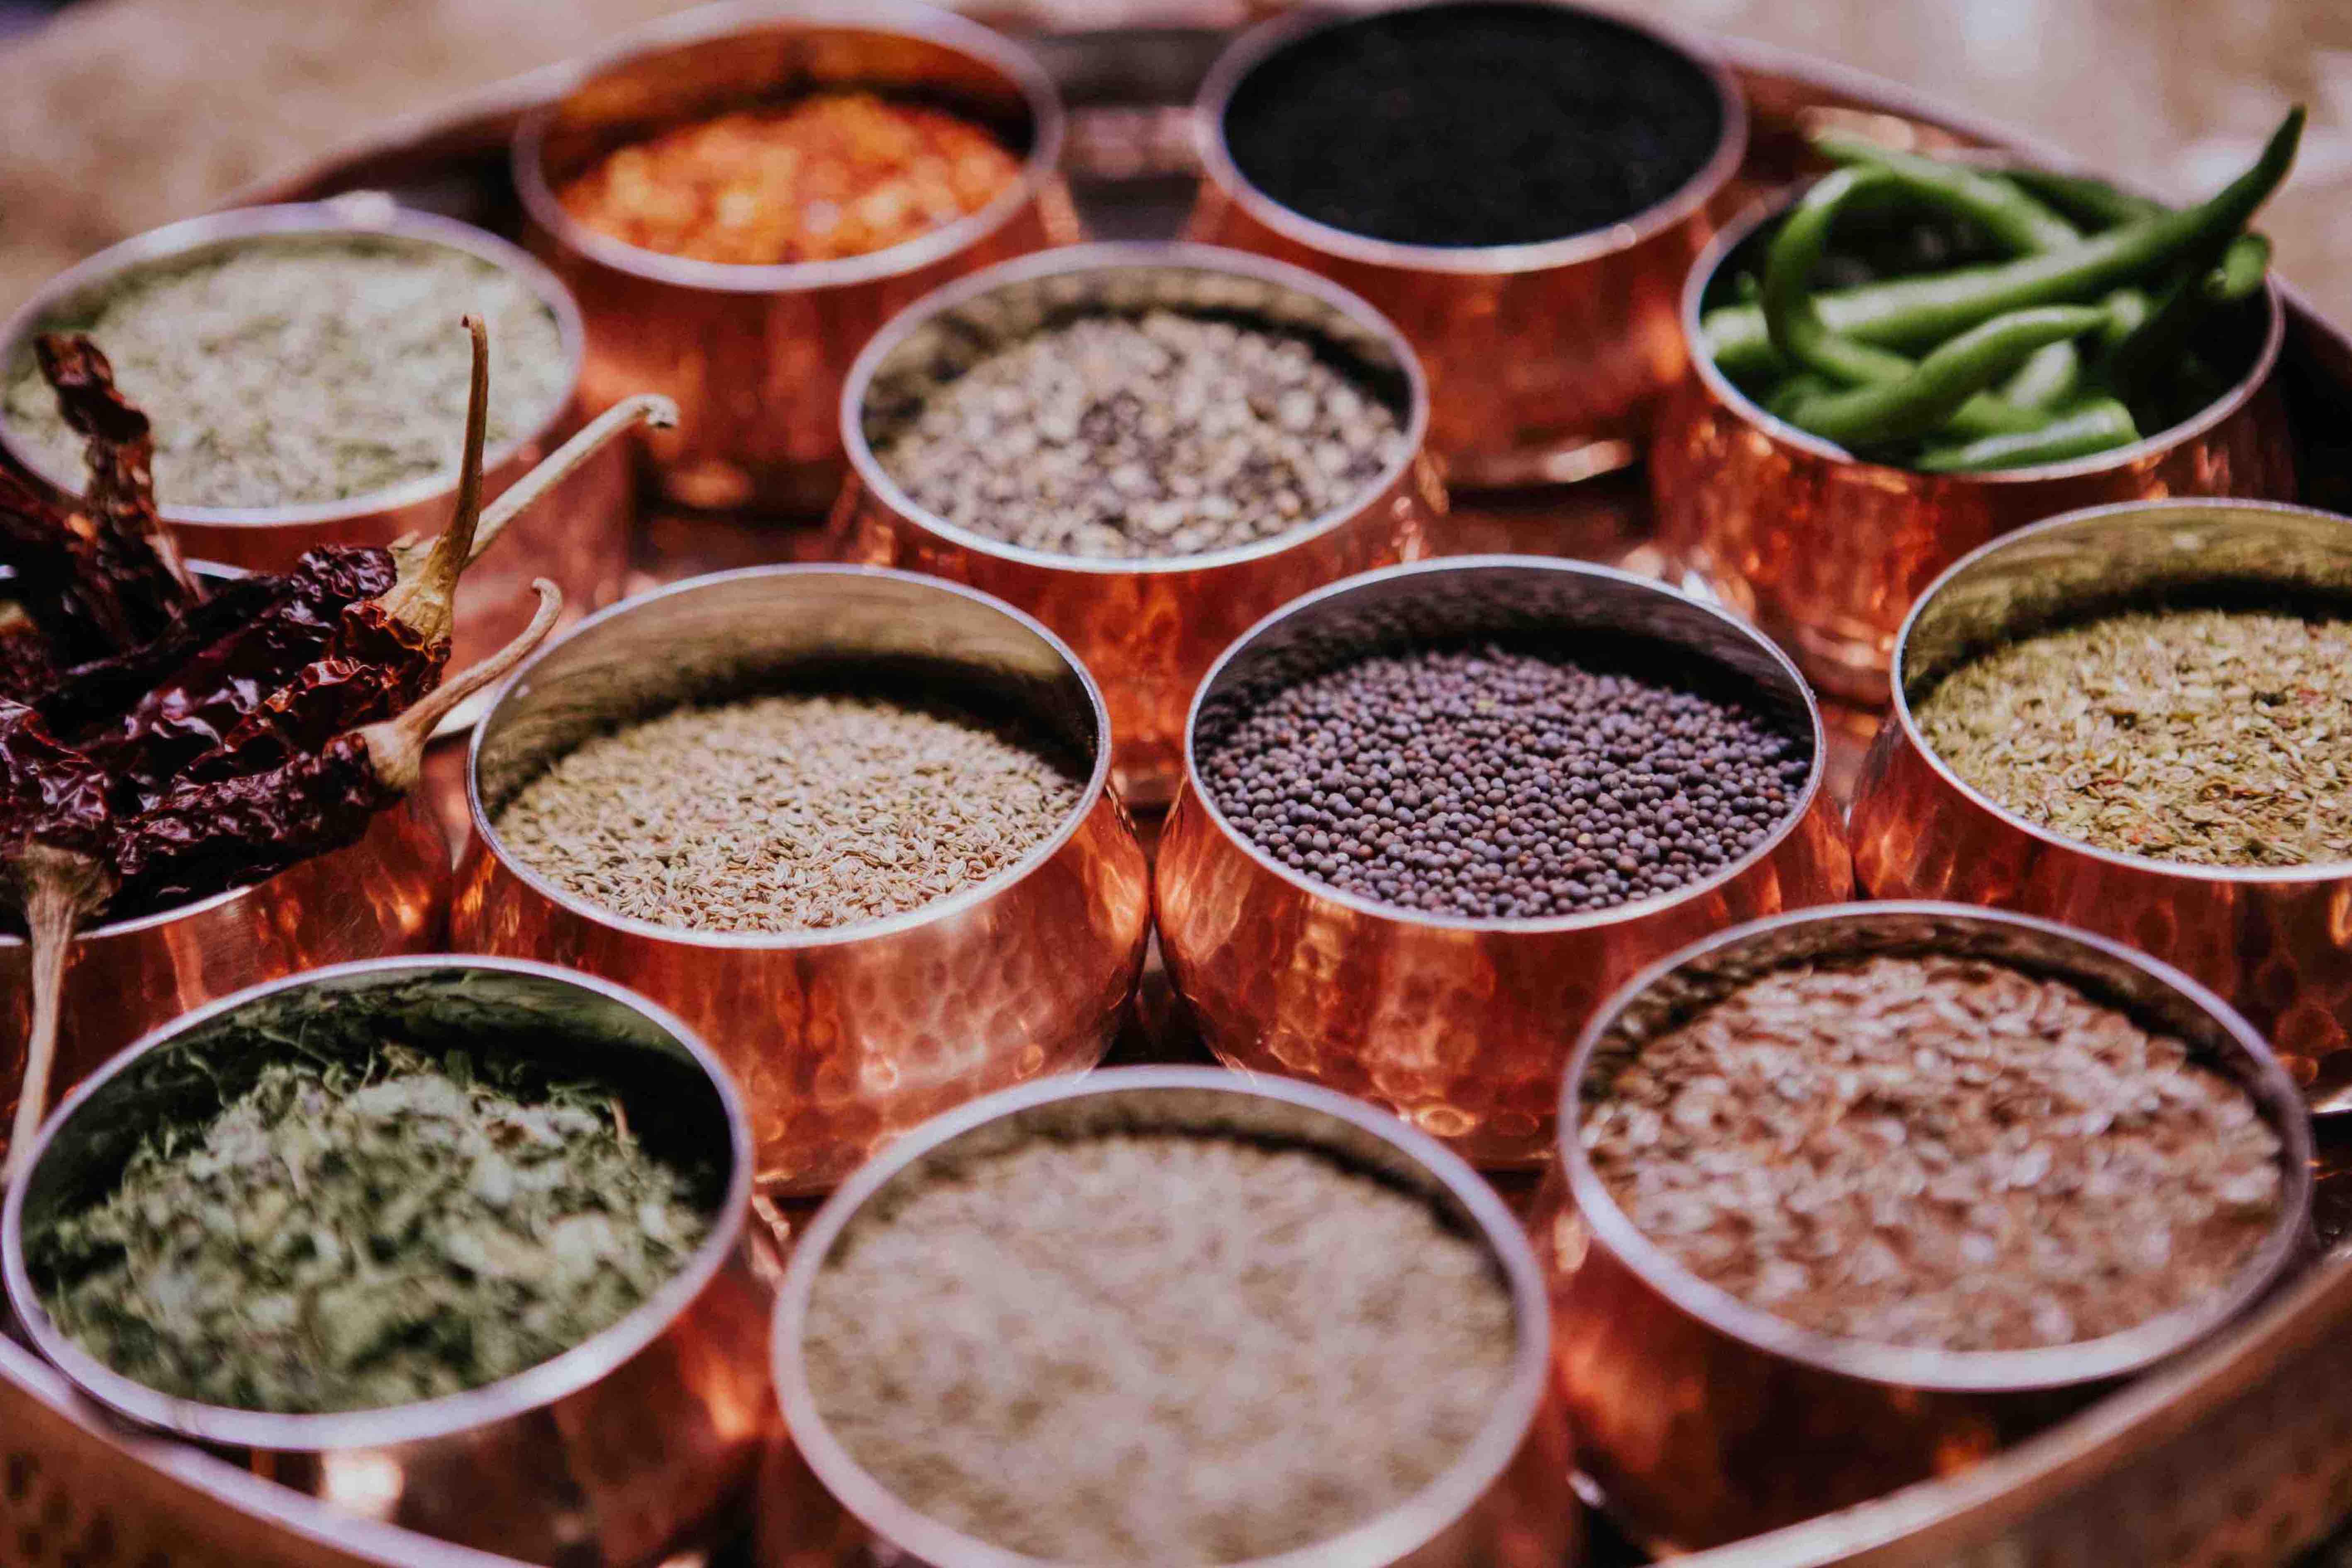 Baluchi cookery classes, Baluchi cooking class, Baluchi cooking classes